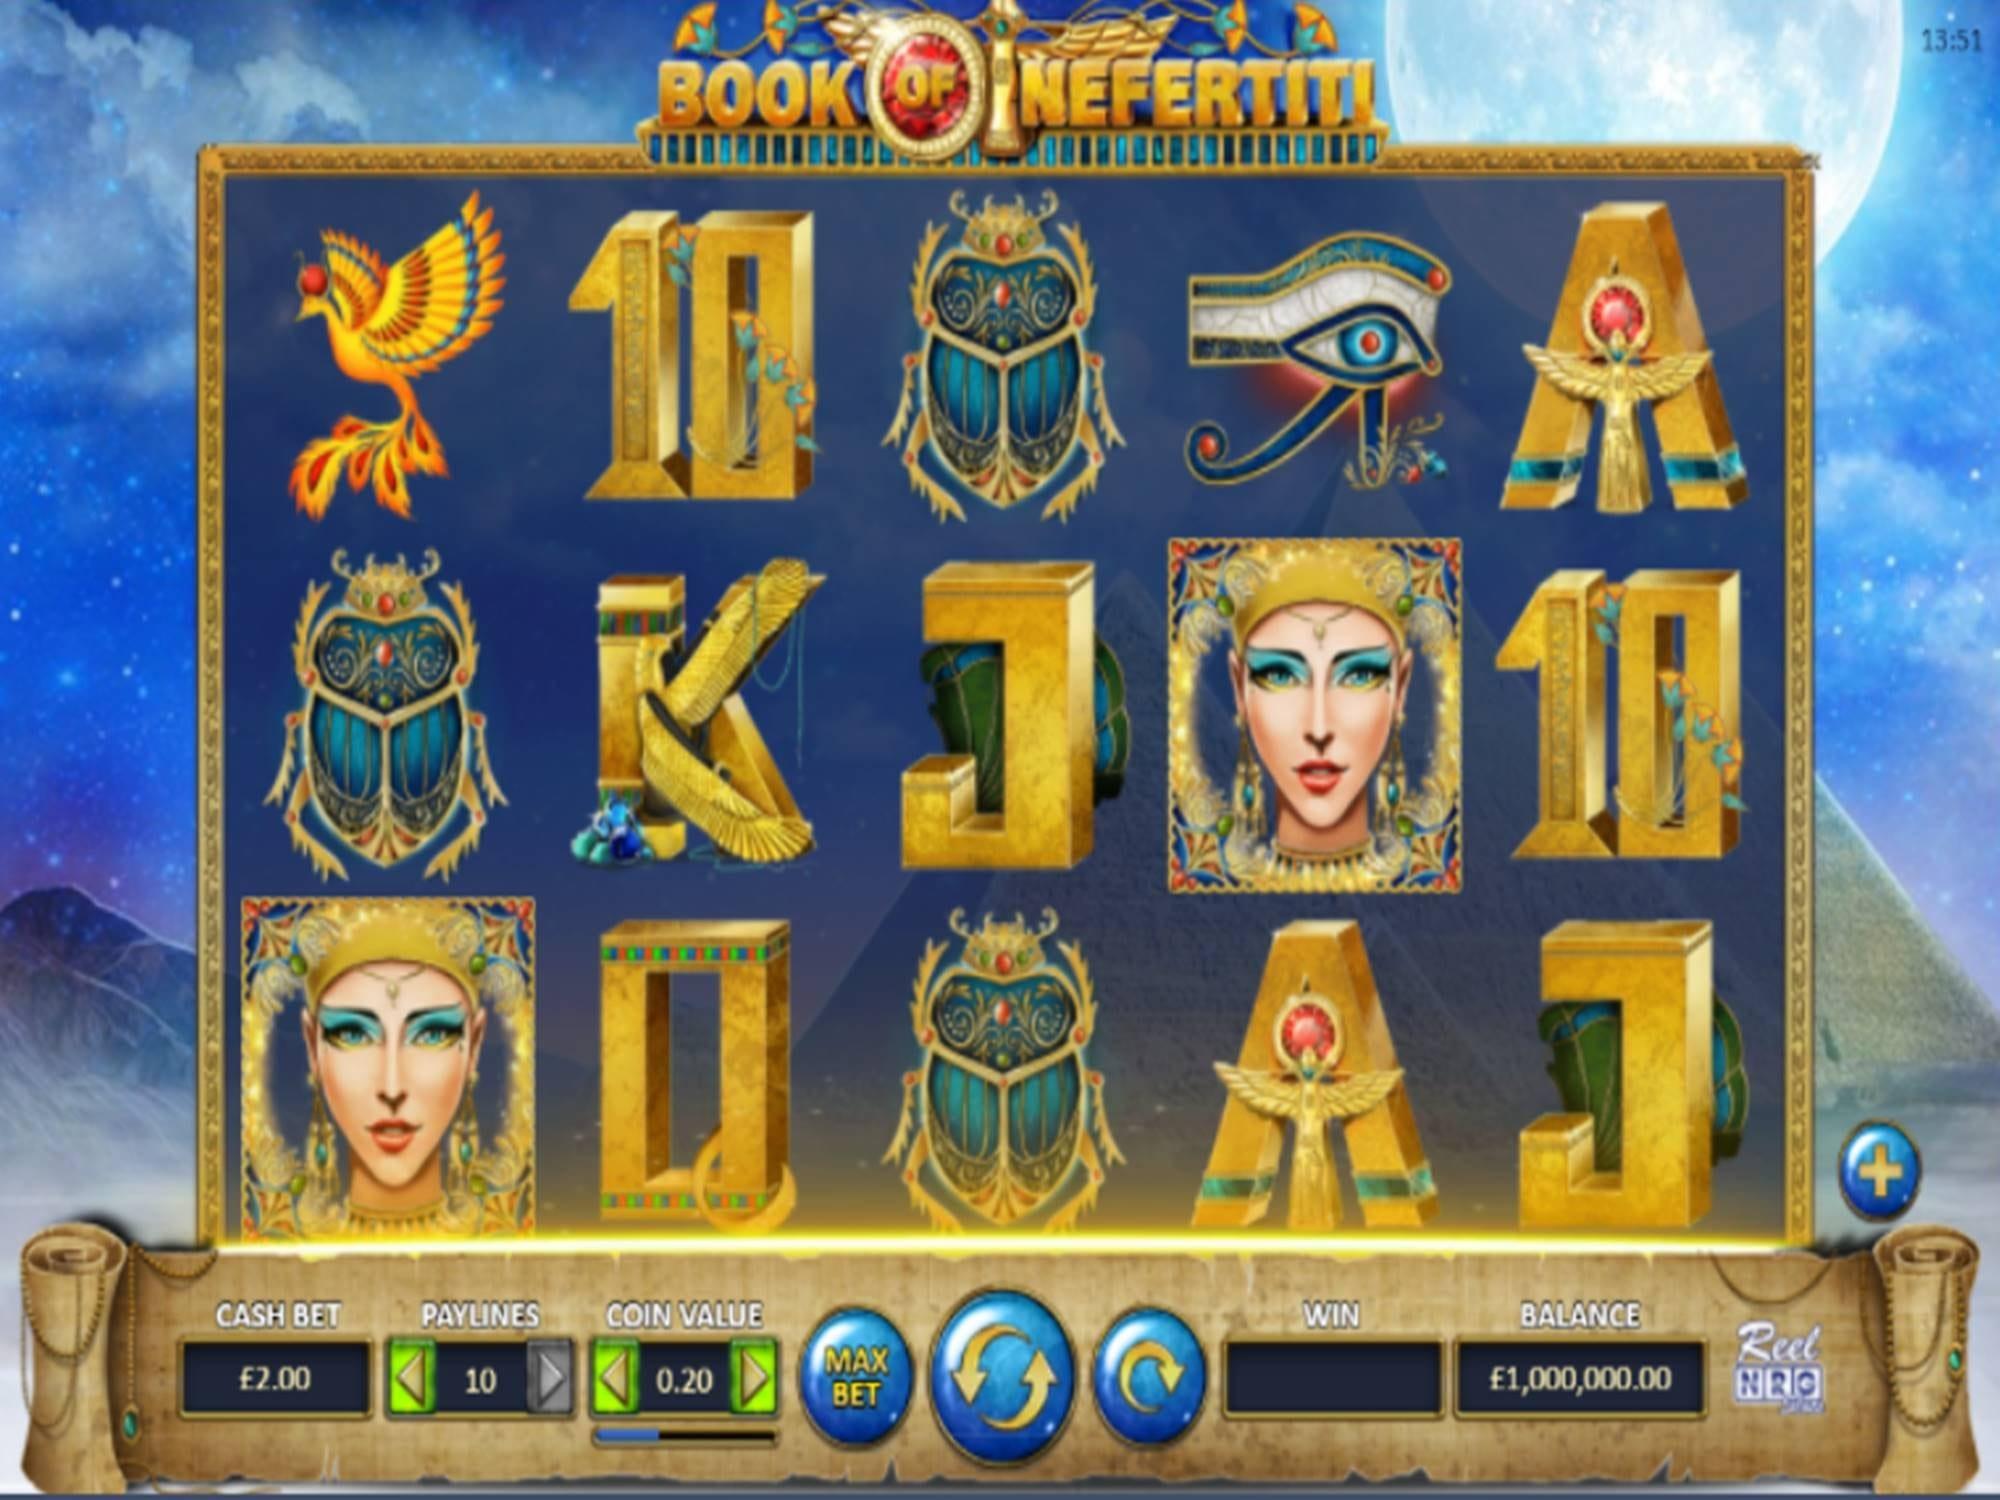 Book of Nefertiti Slot Gameplay